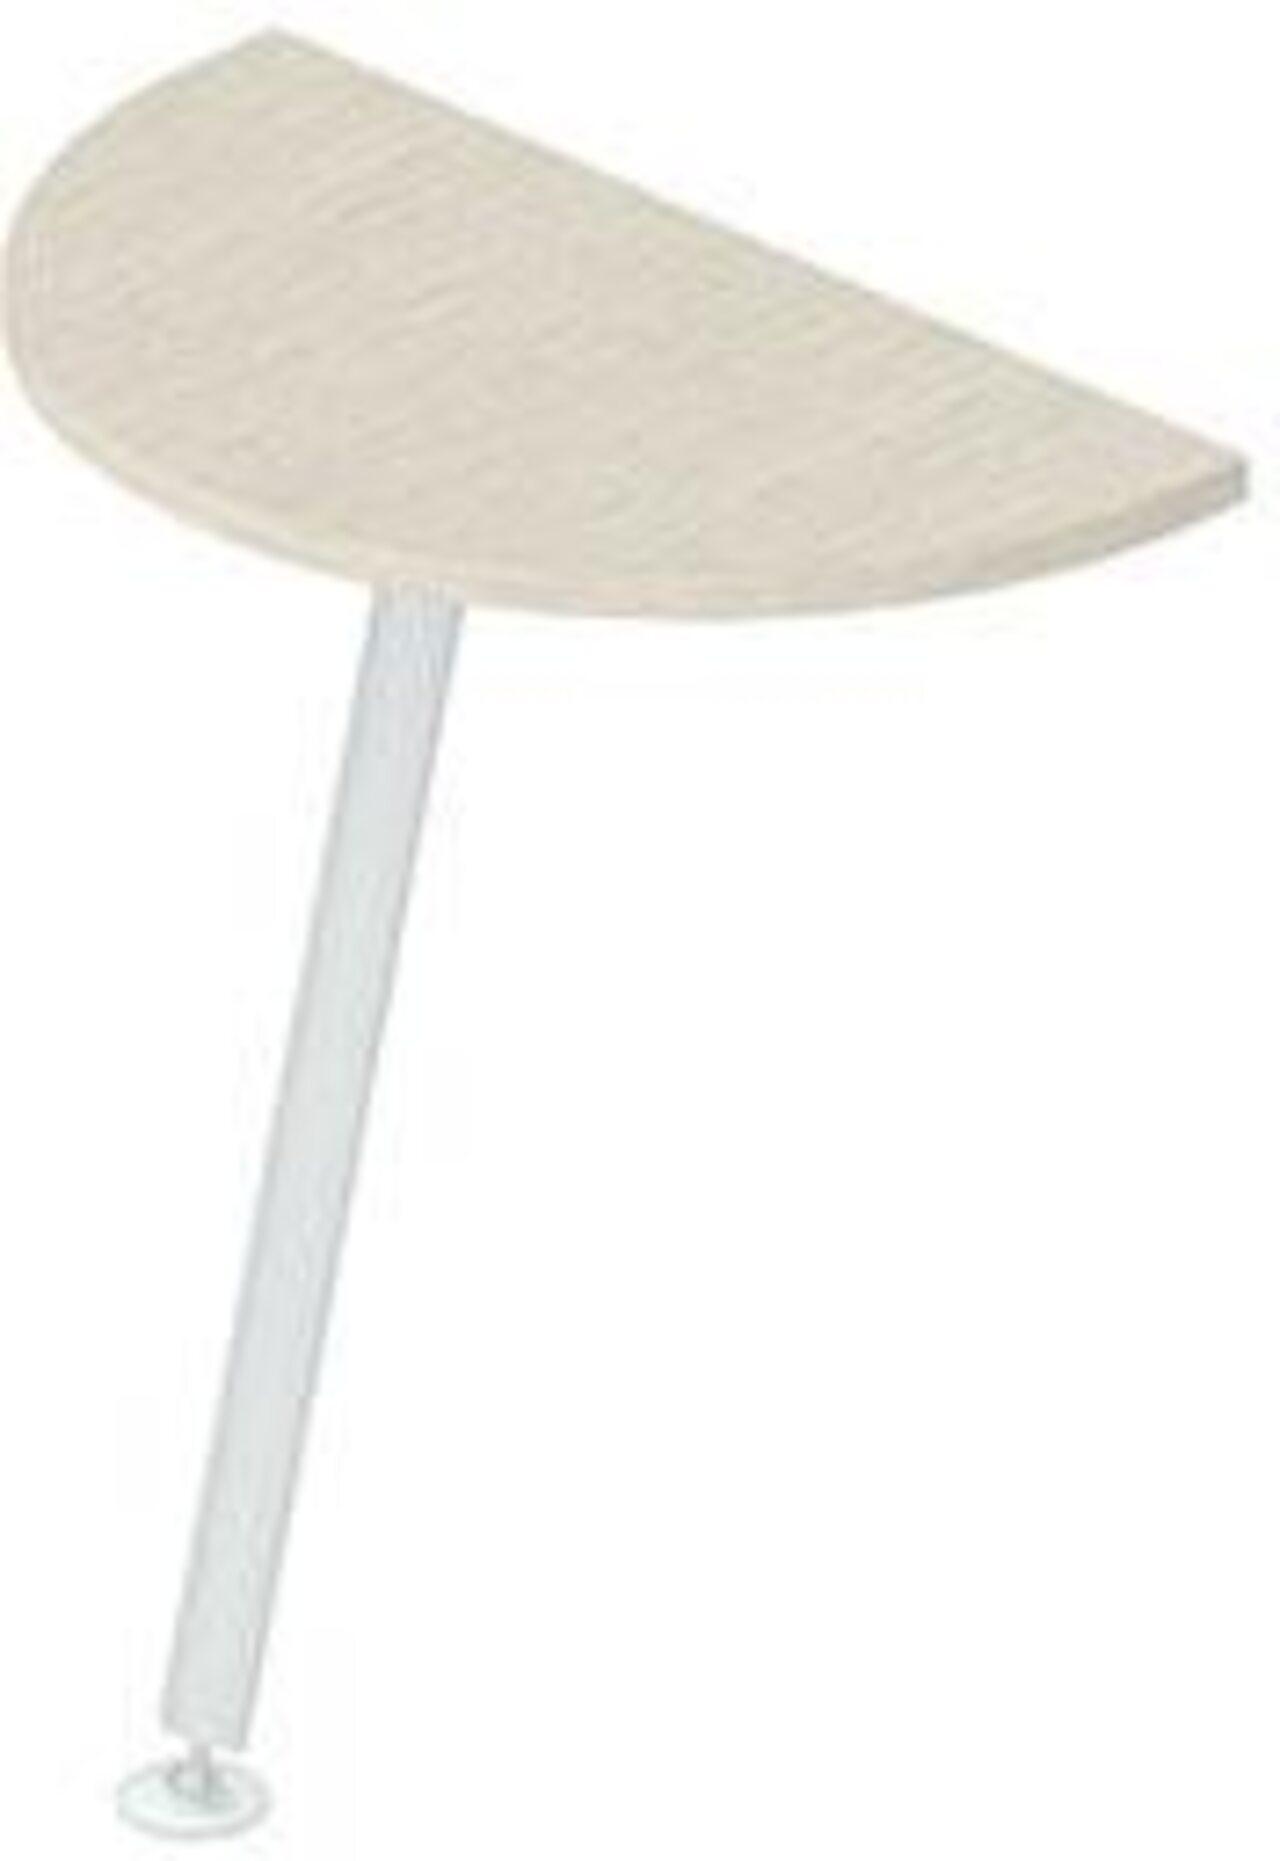 Приставка для прямых столов - фото 3